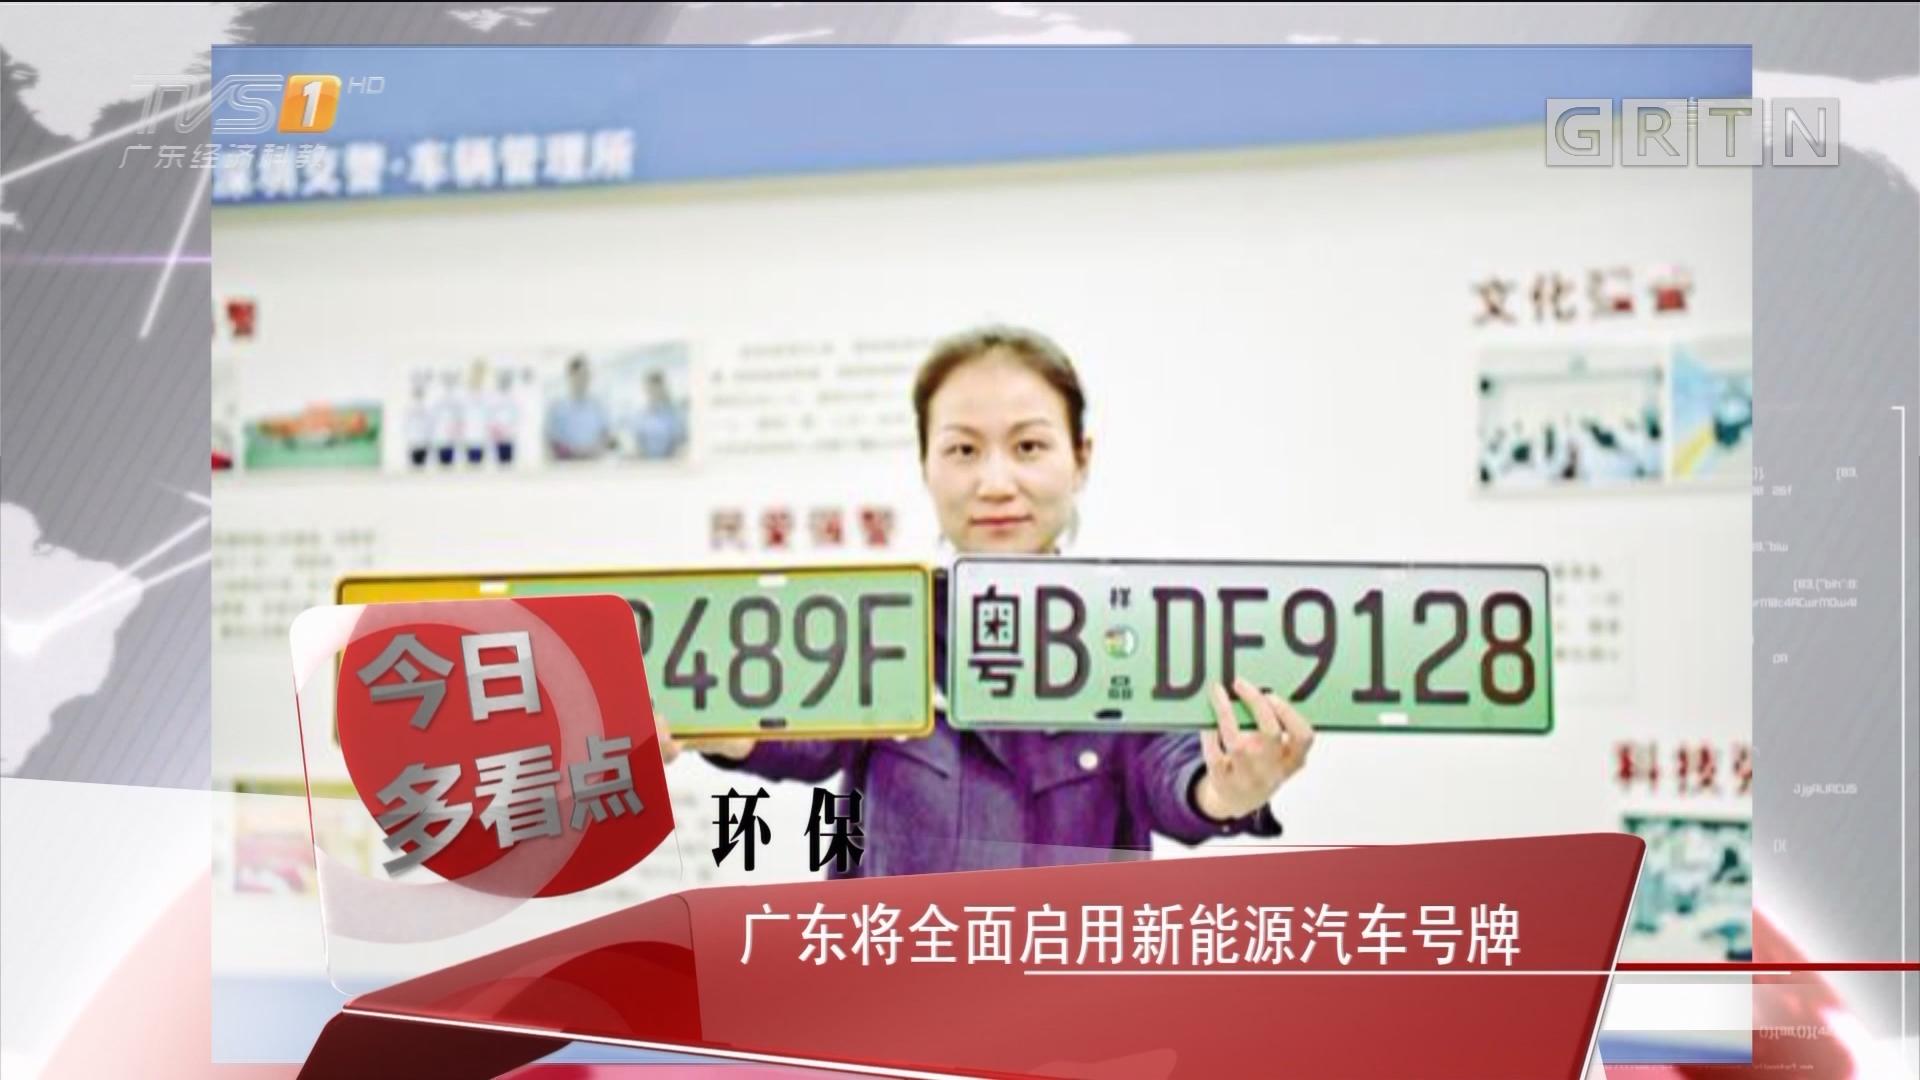 环保:广东将全面启用新能源汽车号牌